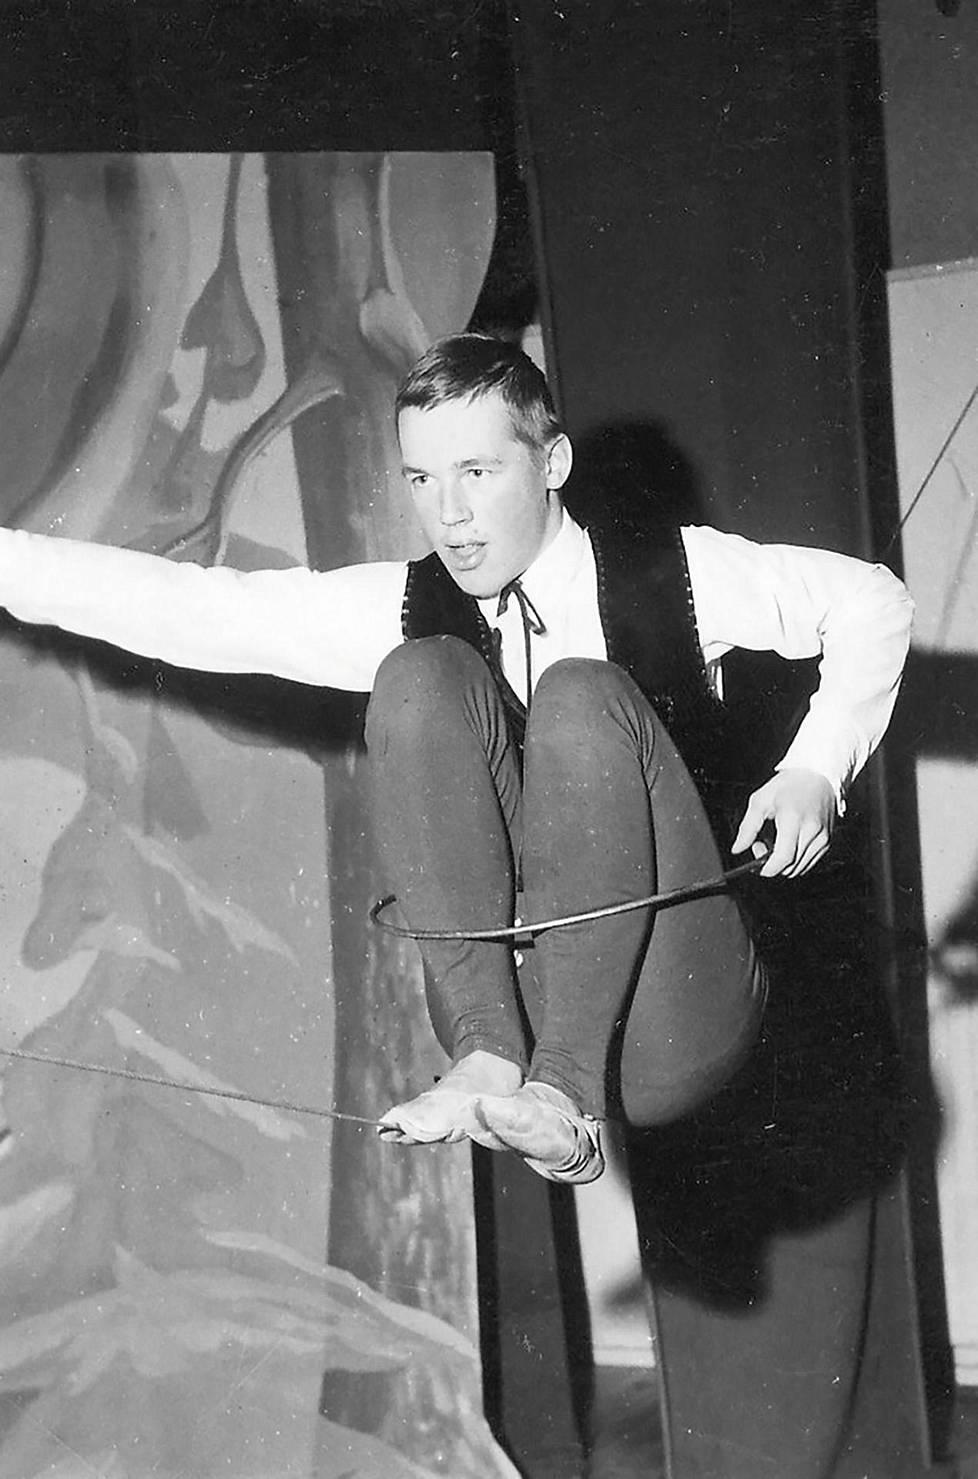 Aimo Leikas esitteli taitojaan nuoralla Haukivuoren Kisapirtillä helmikuussa 1966